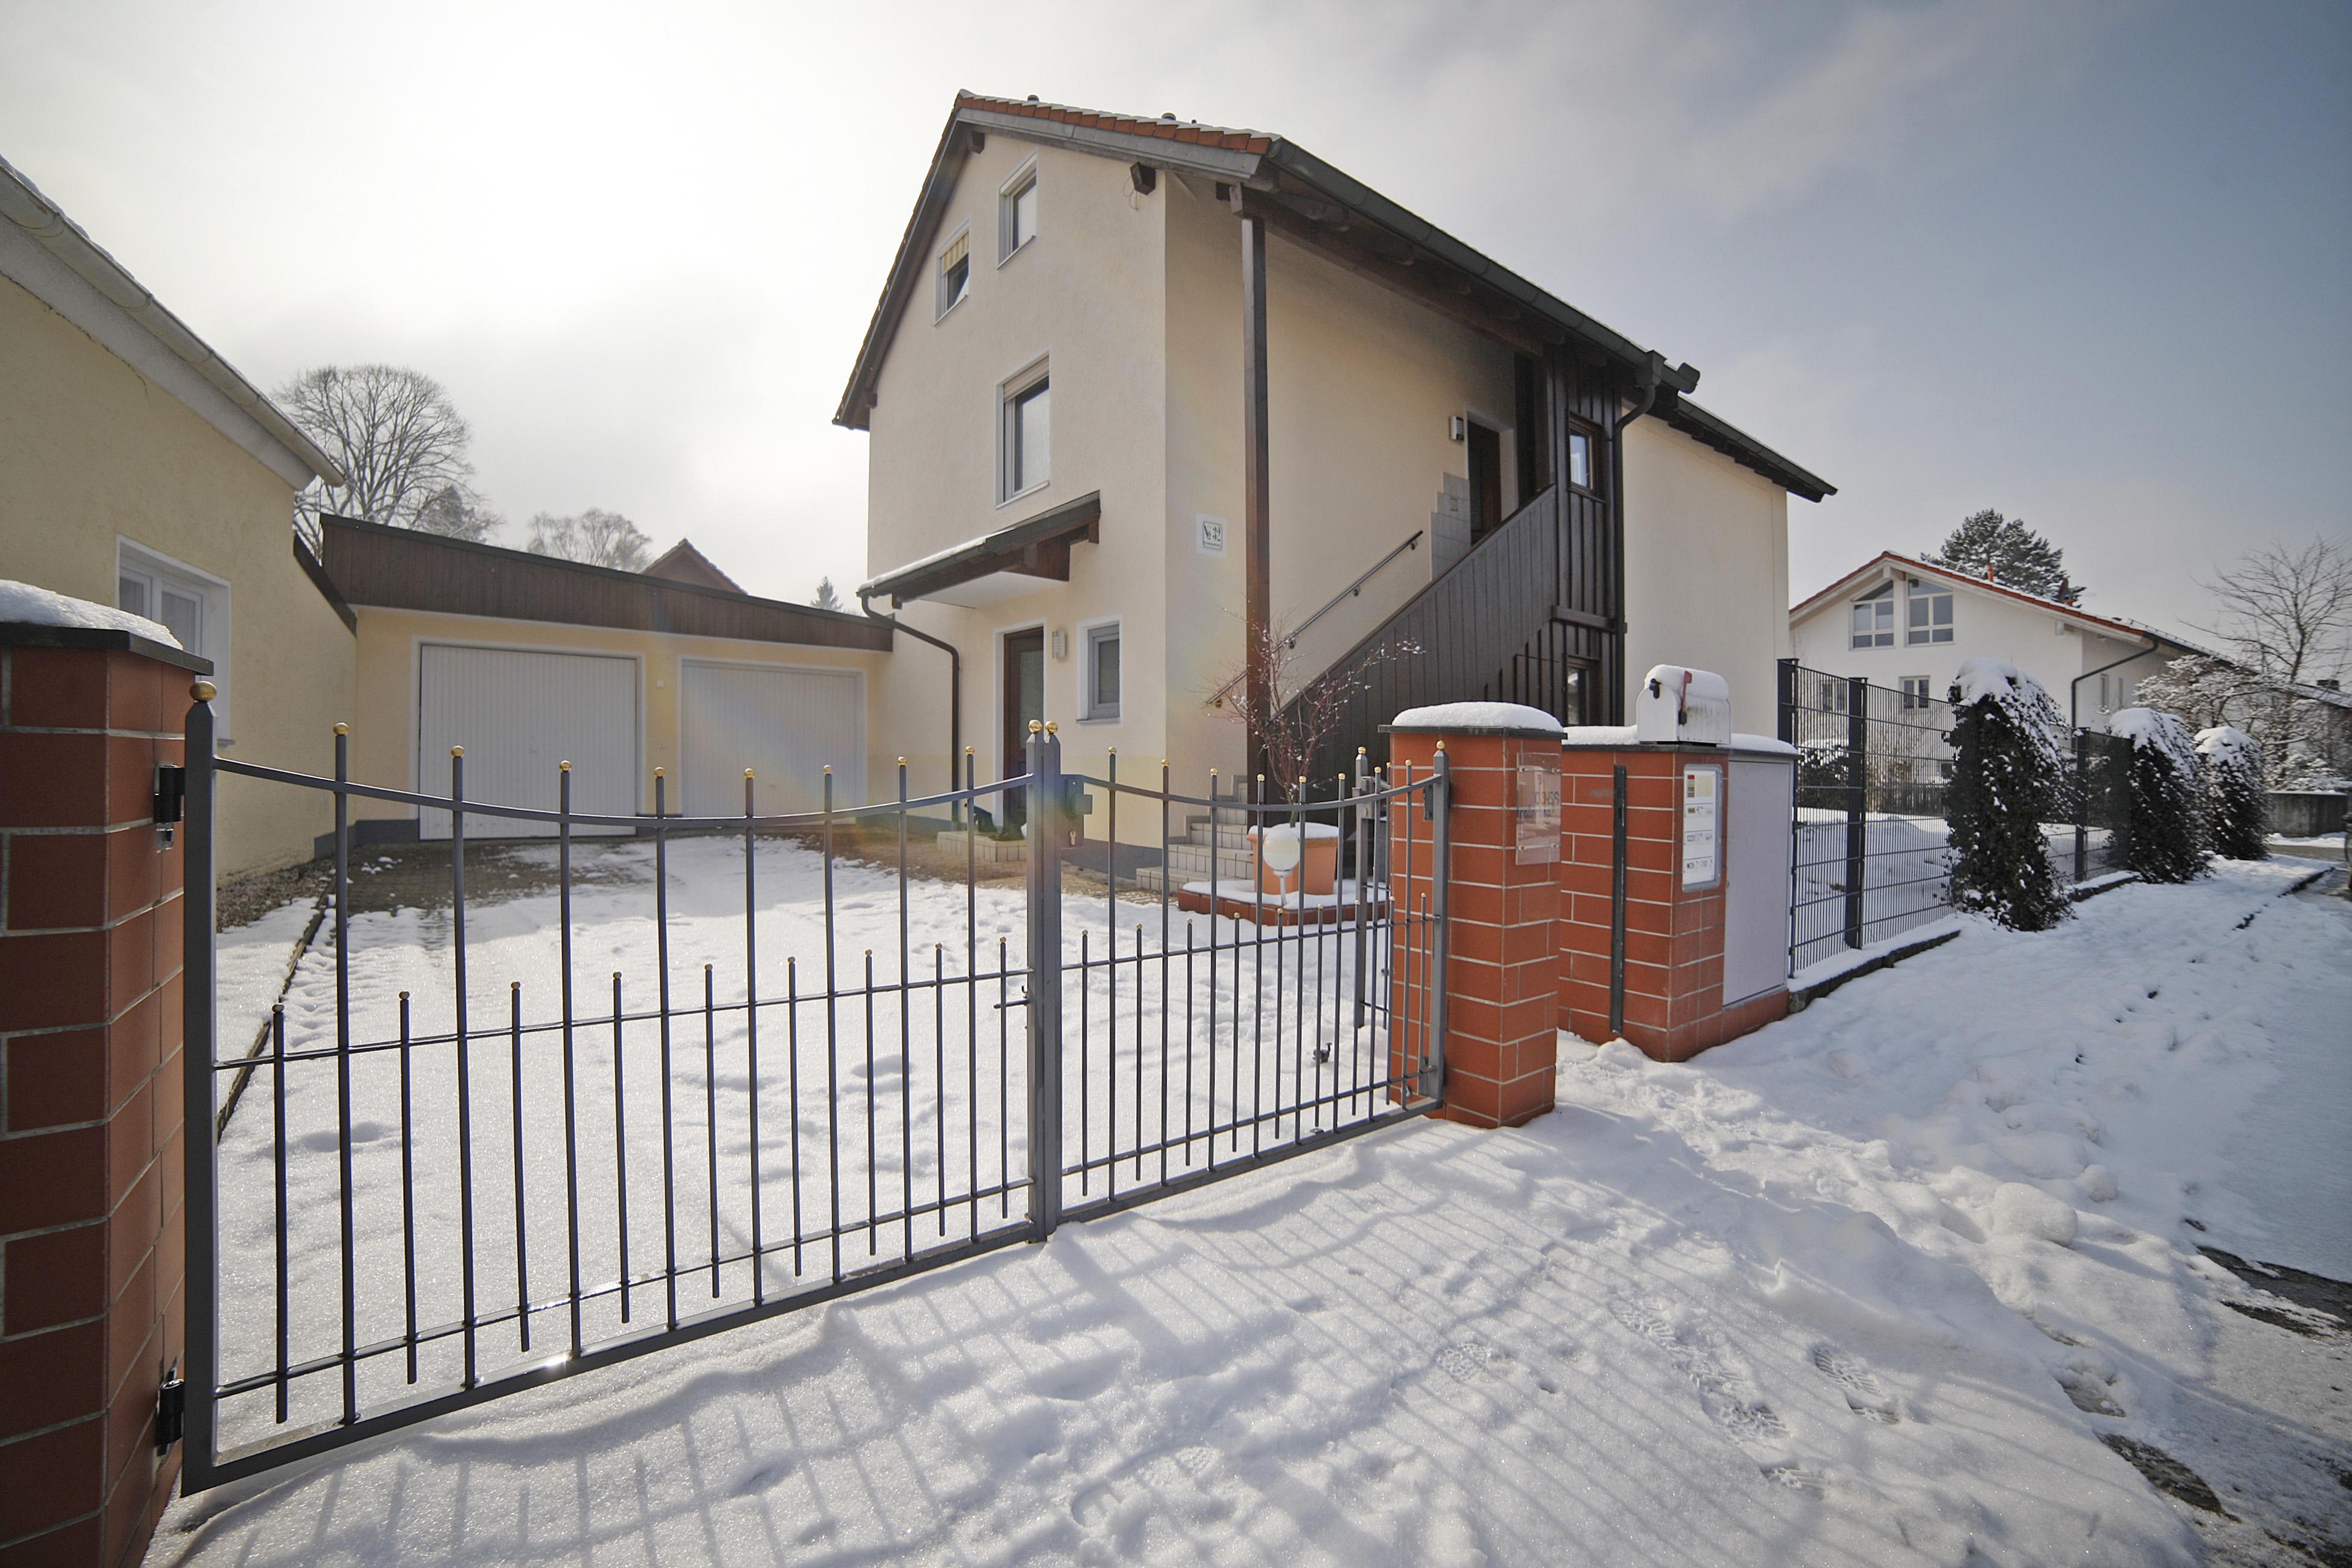 Vielseitig nutzbares Ein- bzw. Zweifamilienhaus in bevorzugter Wohnlage von Neubiberg